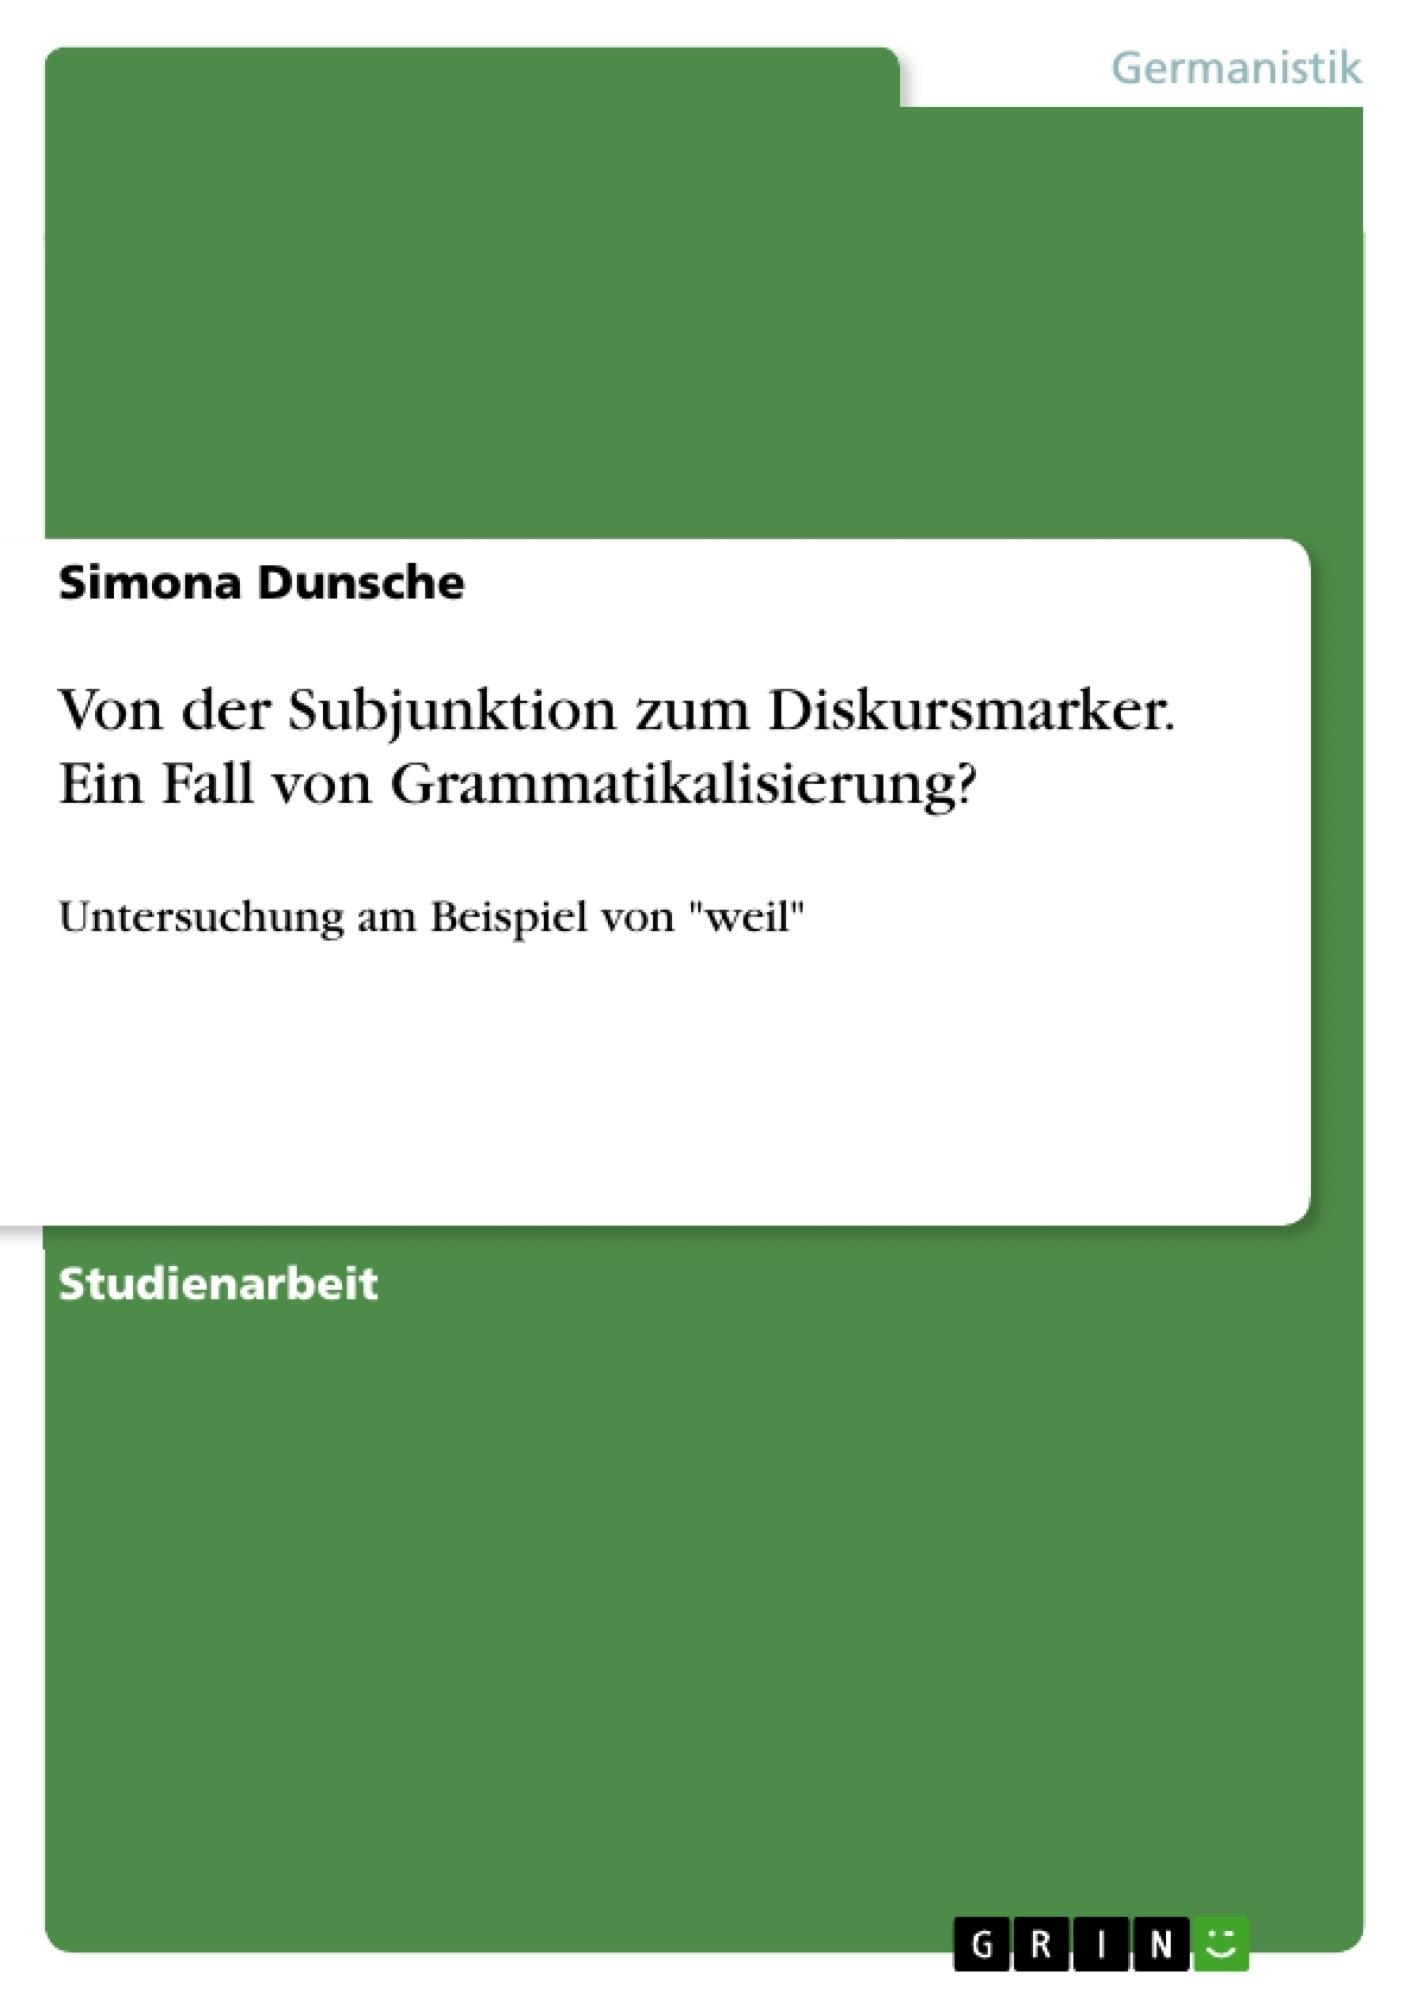 Titel: Von der Subjunktion zum Diskursmarker. Ein Fall von Grammatikalisierung?